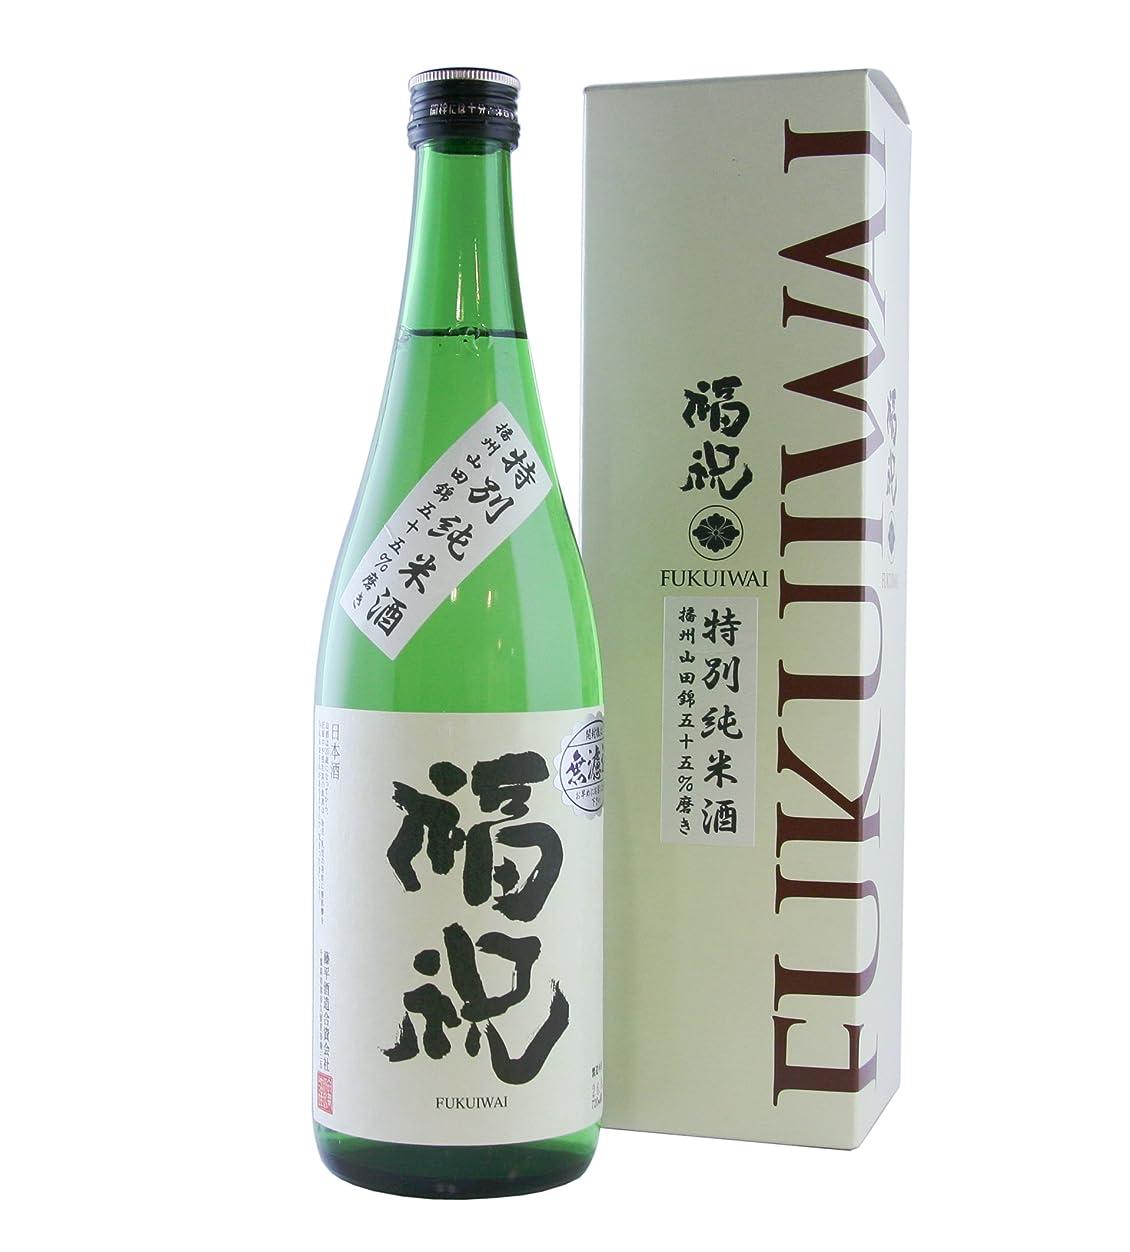 強要所有者債務福祝 (FUKUIWAI) 山田錦55 特別純米酒 720ml 1本 [無濾過][千葉県]